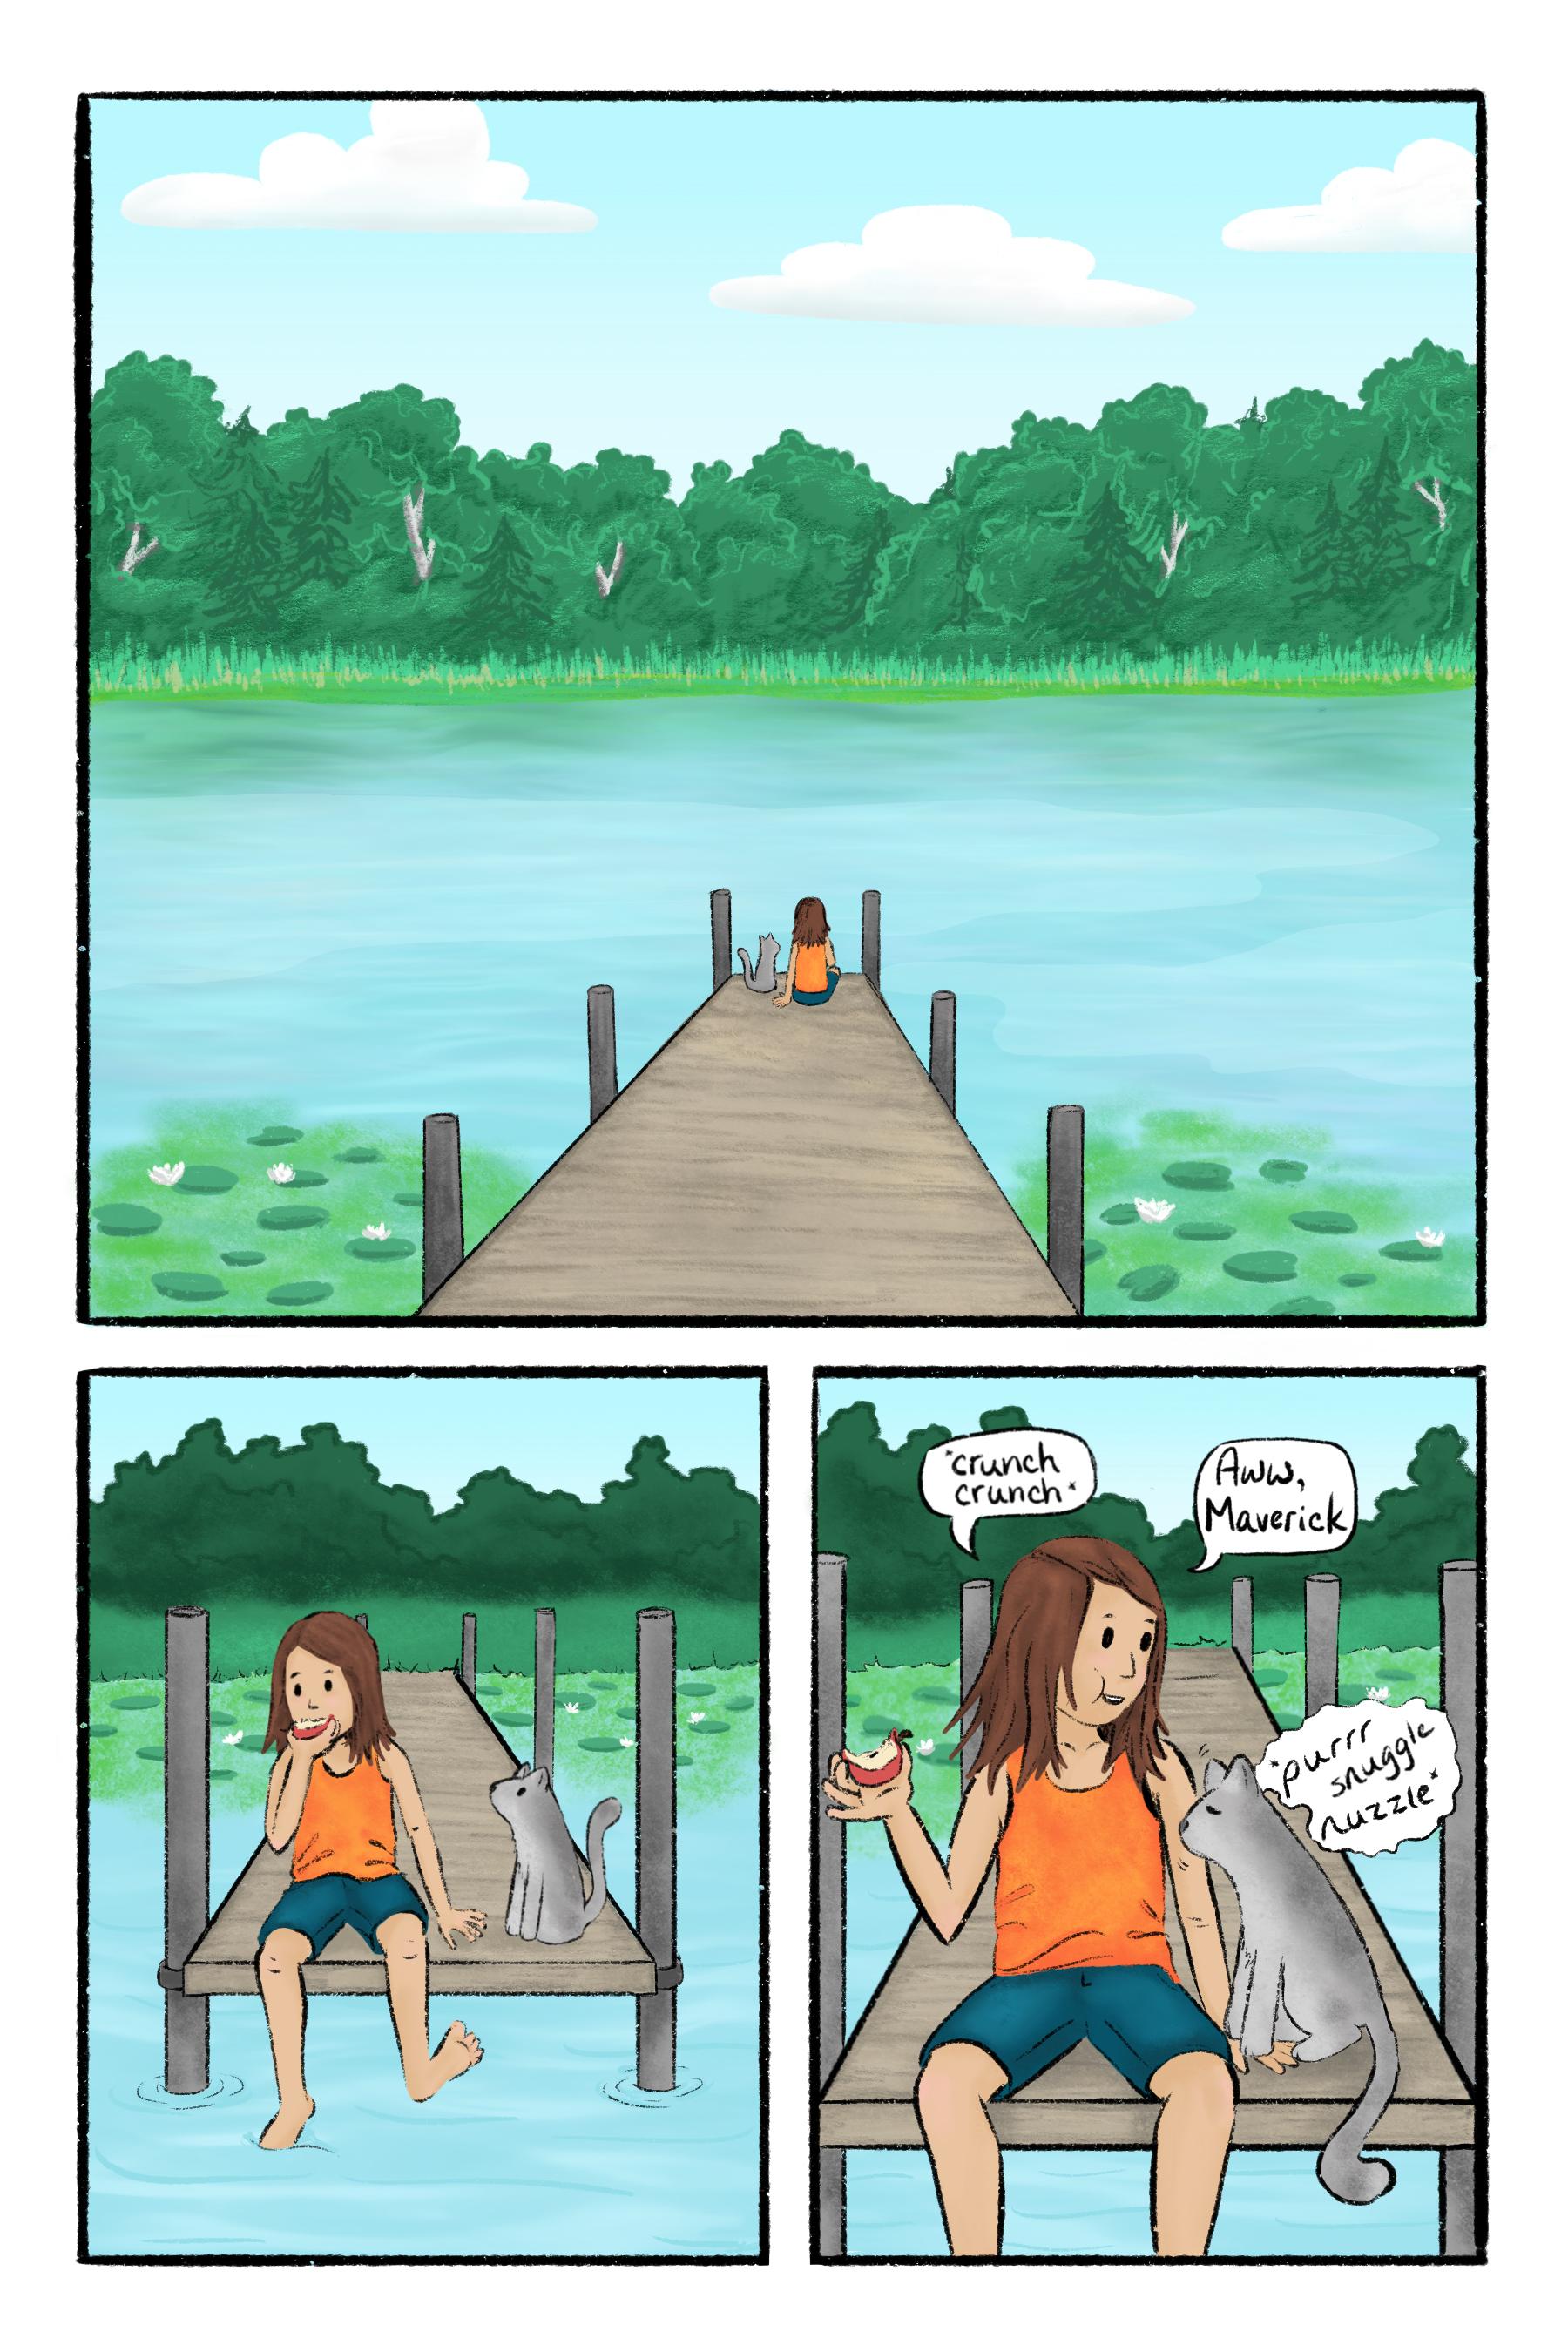 Magic_Lake_Page_1.jpg